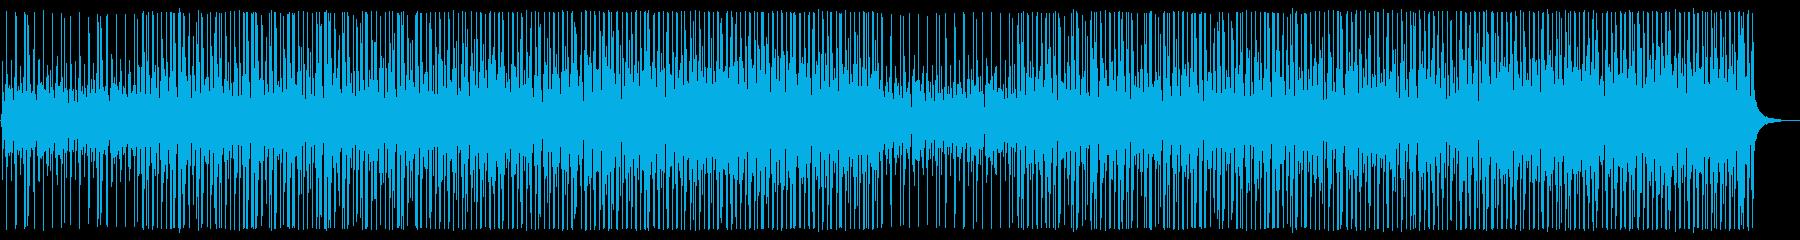 告知 かわいい・手拍子・アコースティックの再生済みの波形